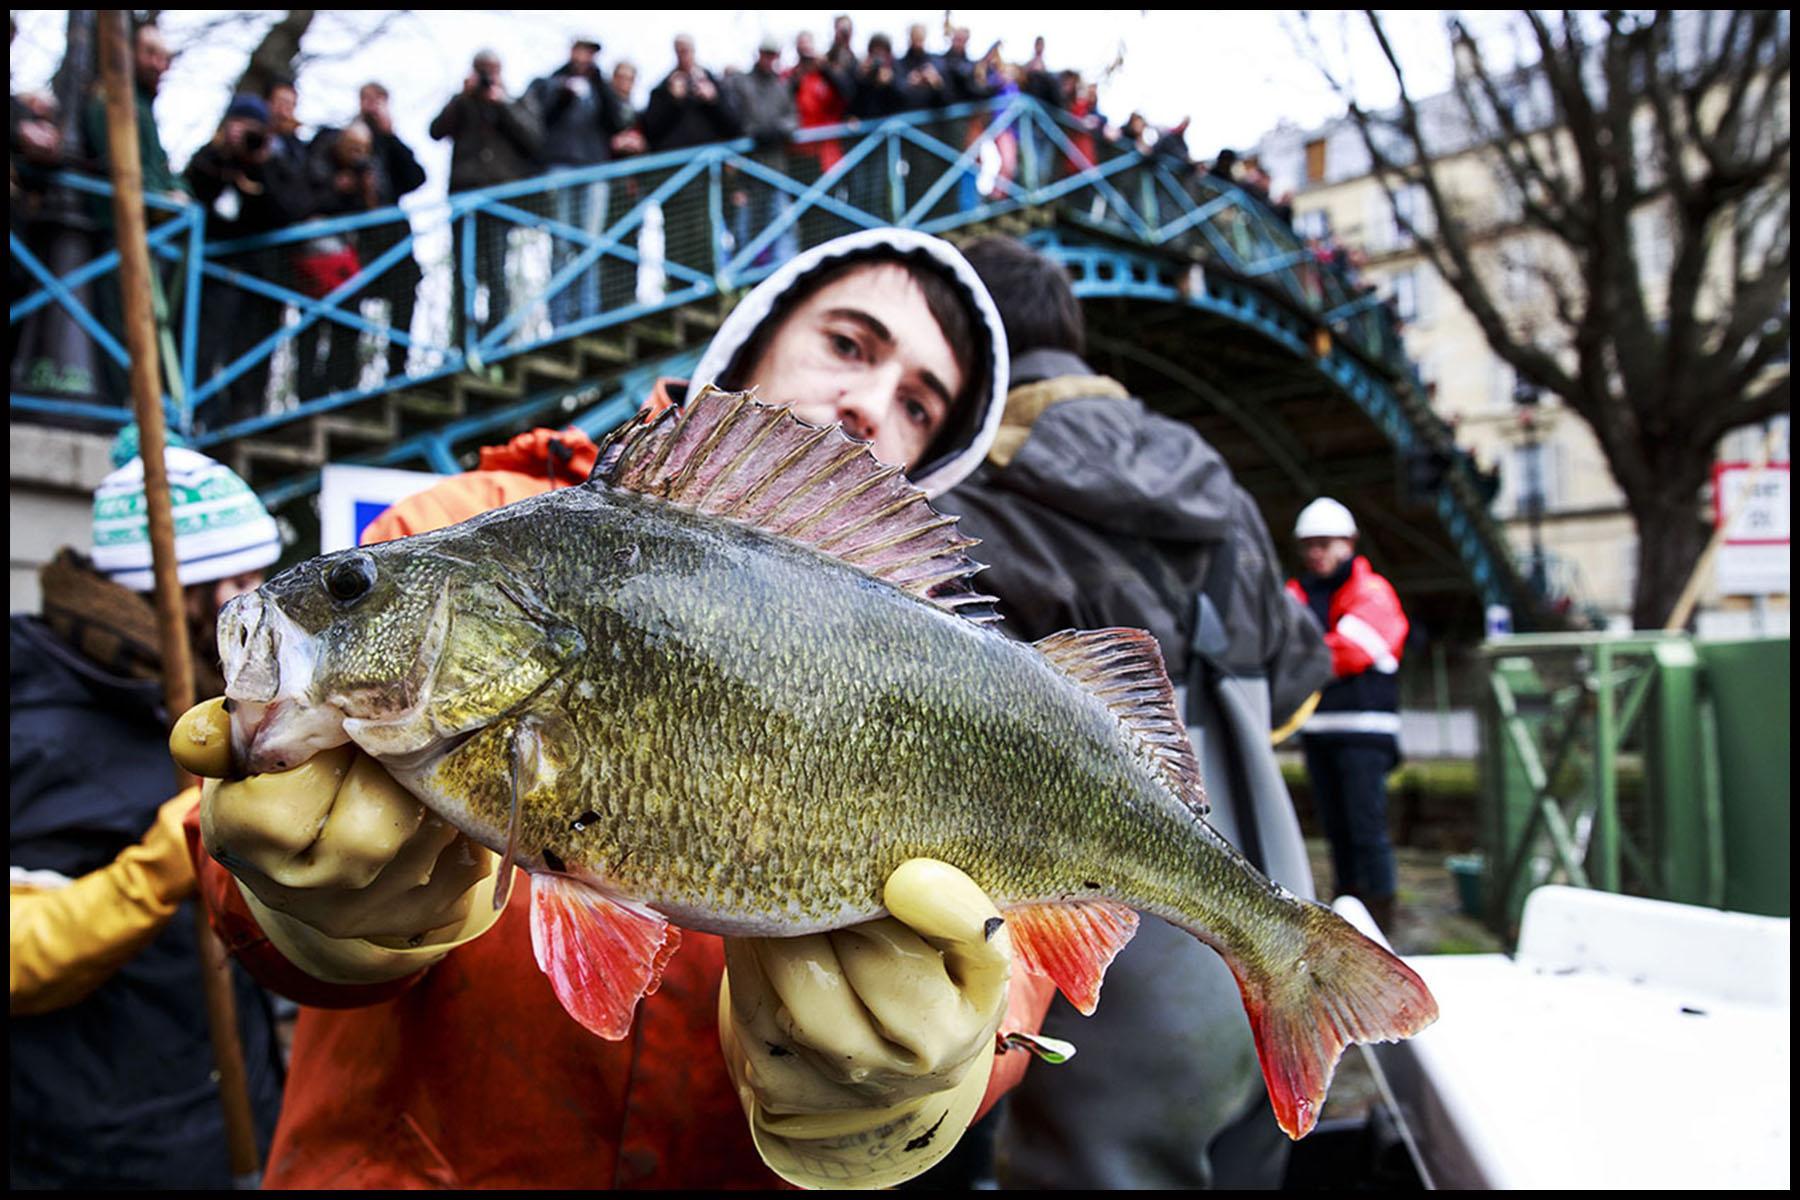 Pêche miraculeuse dans le canal St Martin avant qu'il ne soit complètement vidé pour la réparation de ses écluses.